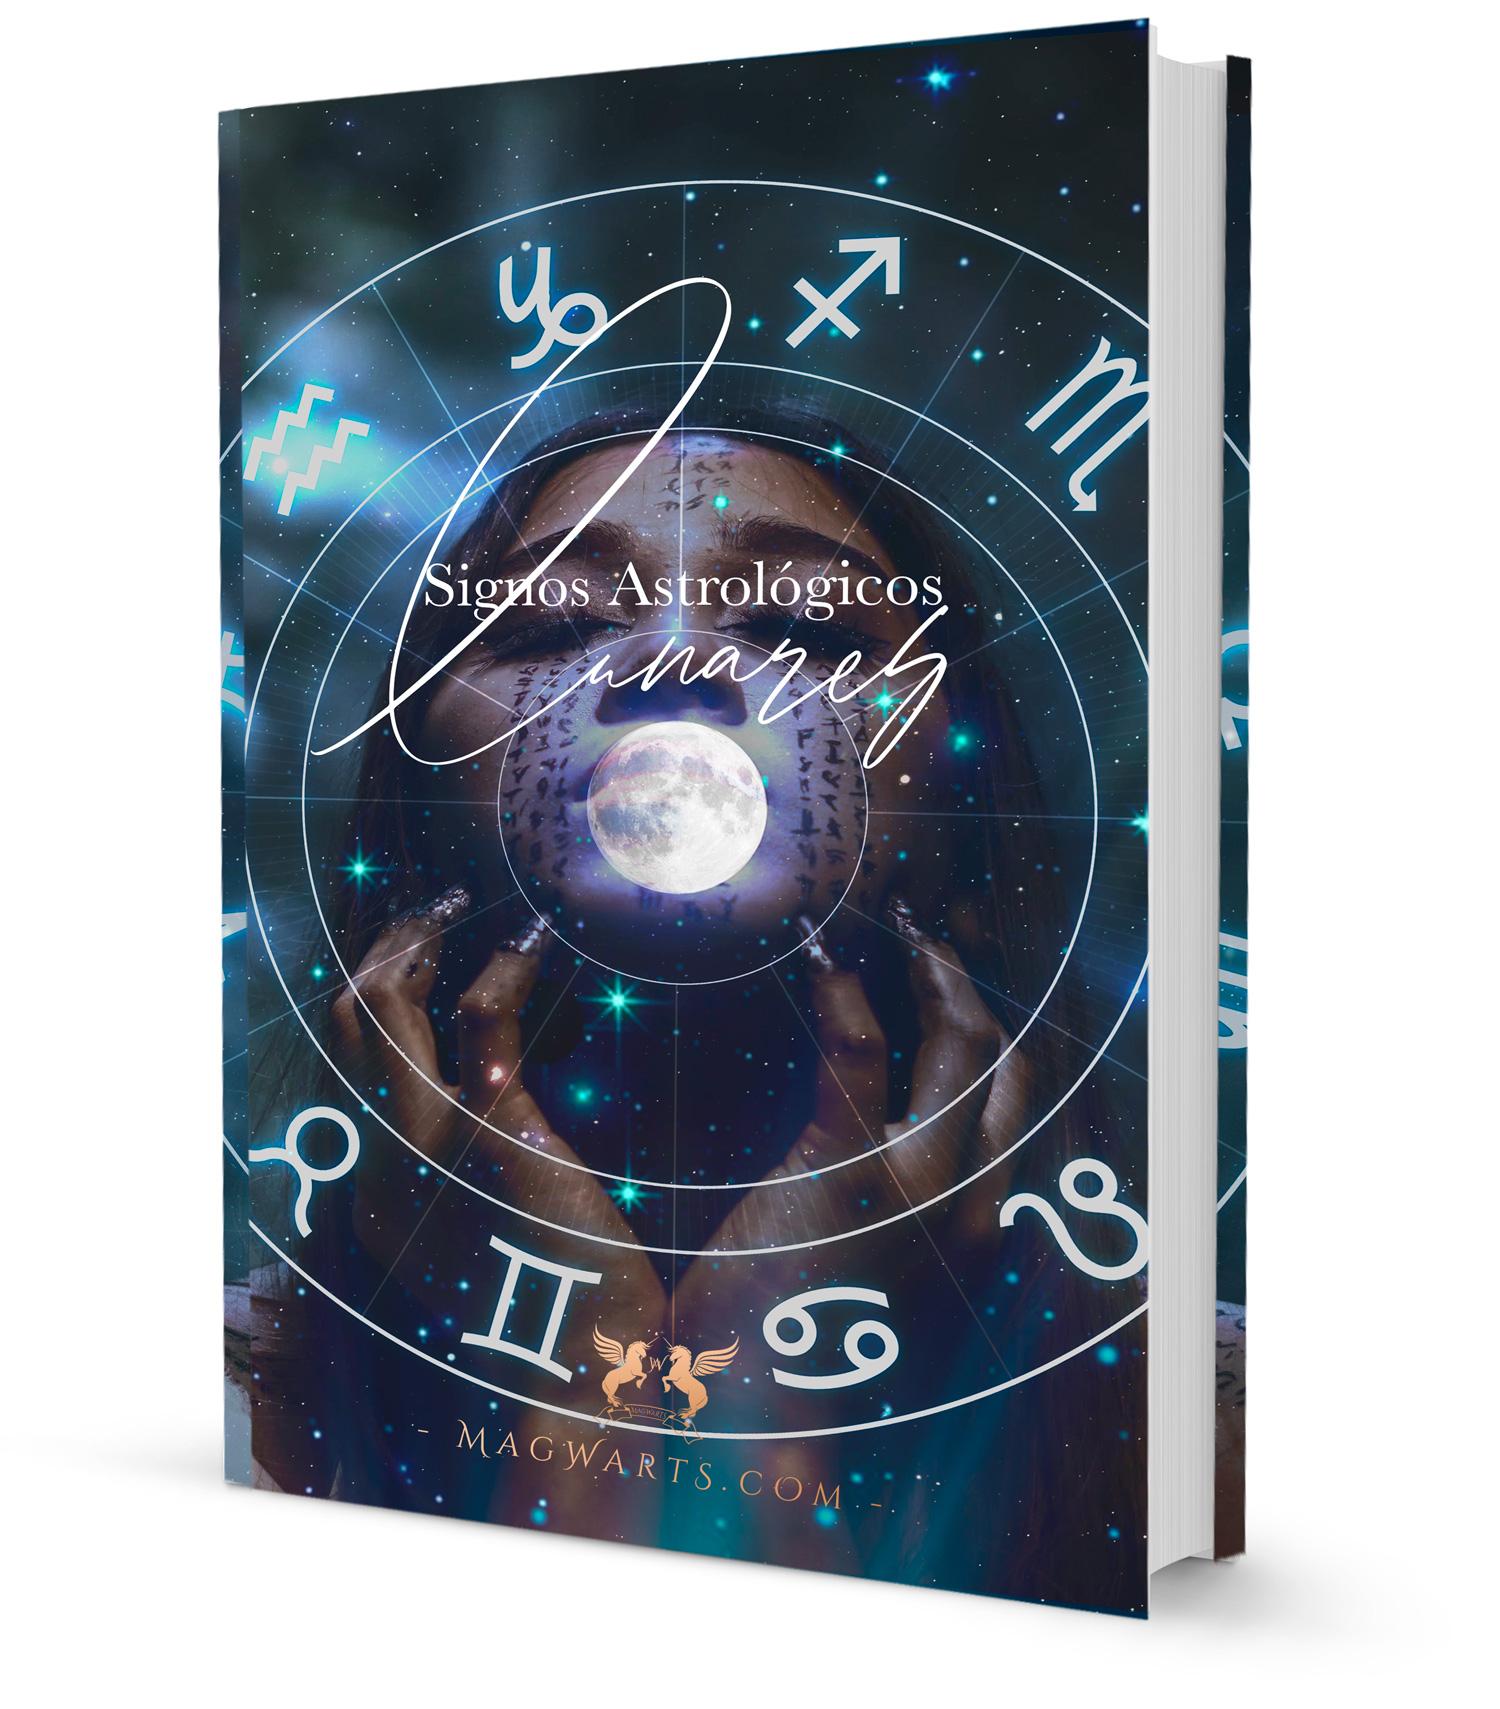 Astrología Lunar - MAGWARTS